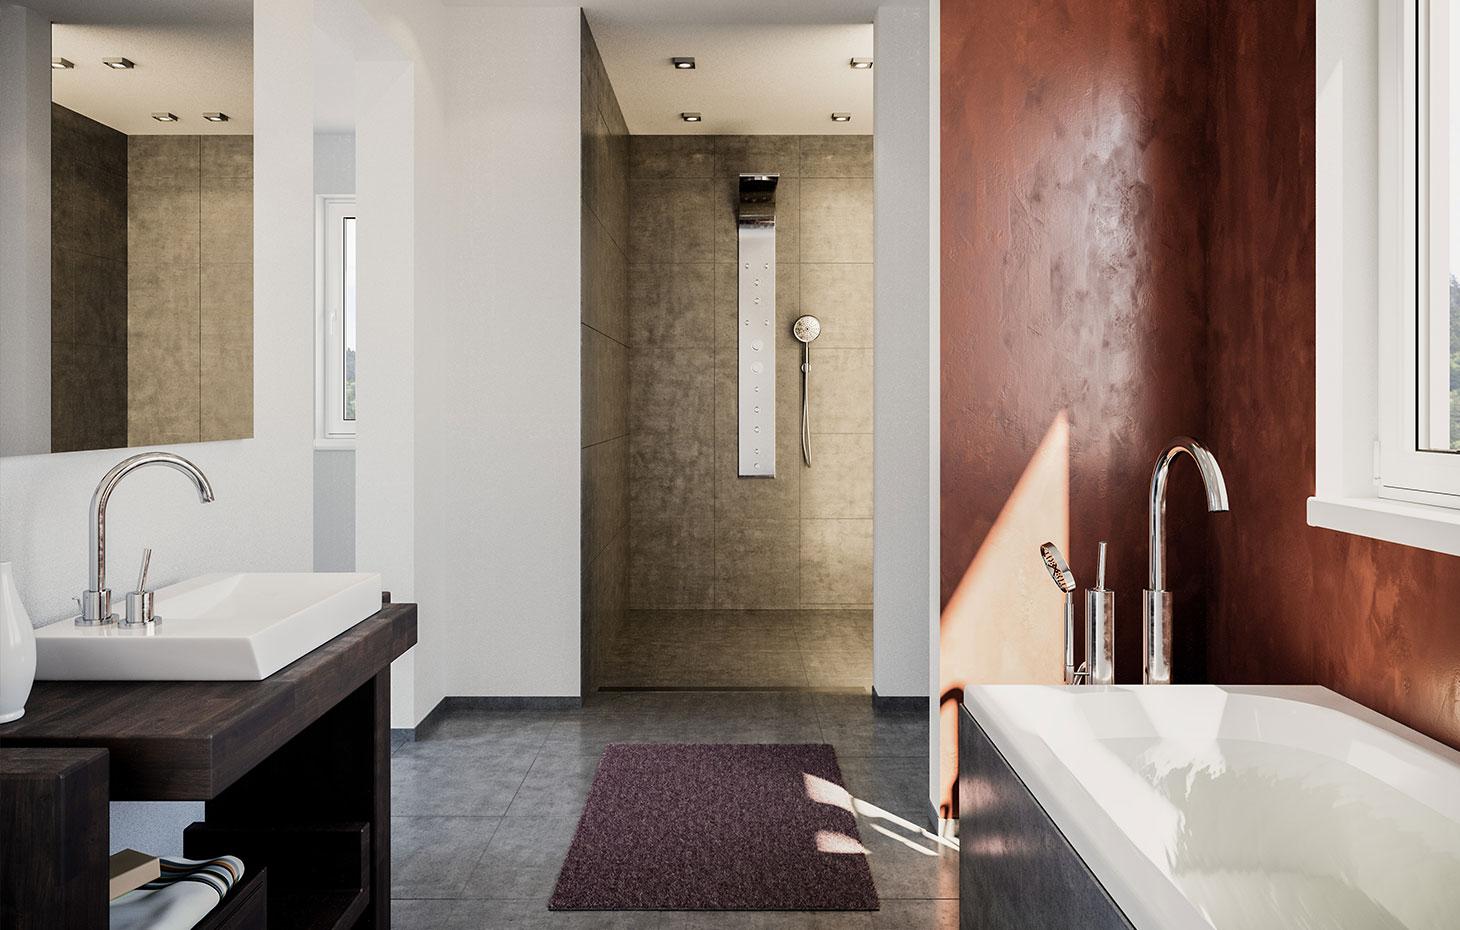 Zweifamilienhaus mit Freisitzfläche und großzügigem Badezimmer